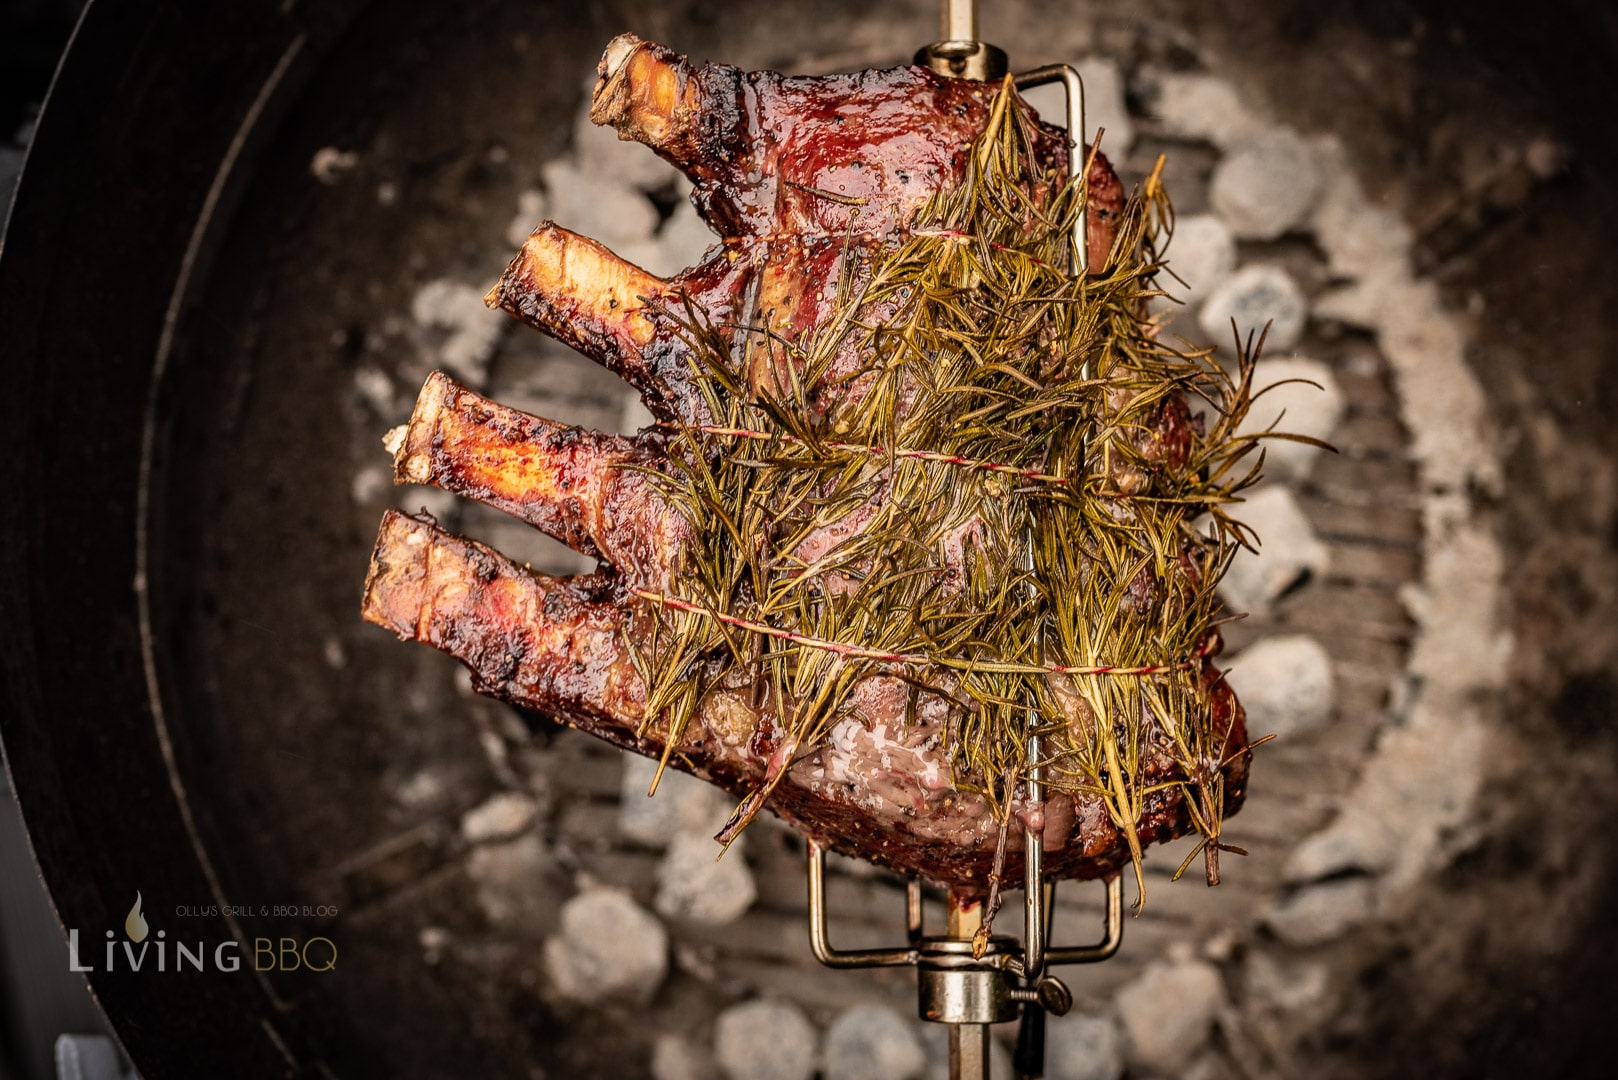 Das Fleisch rotiert über indirekter Hitze